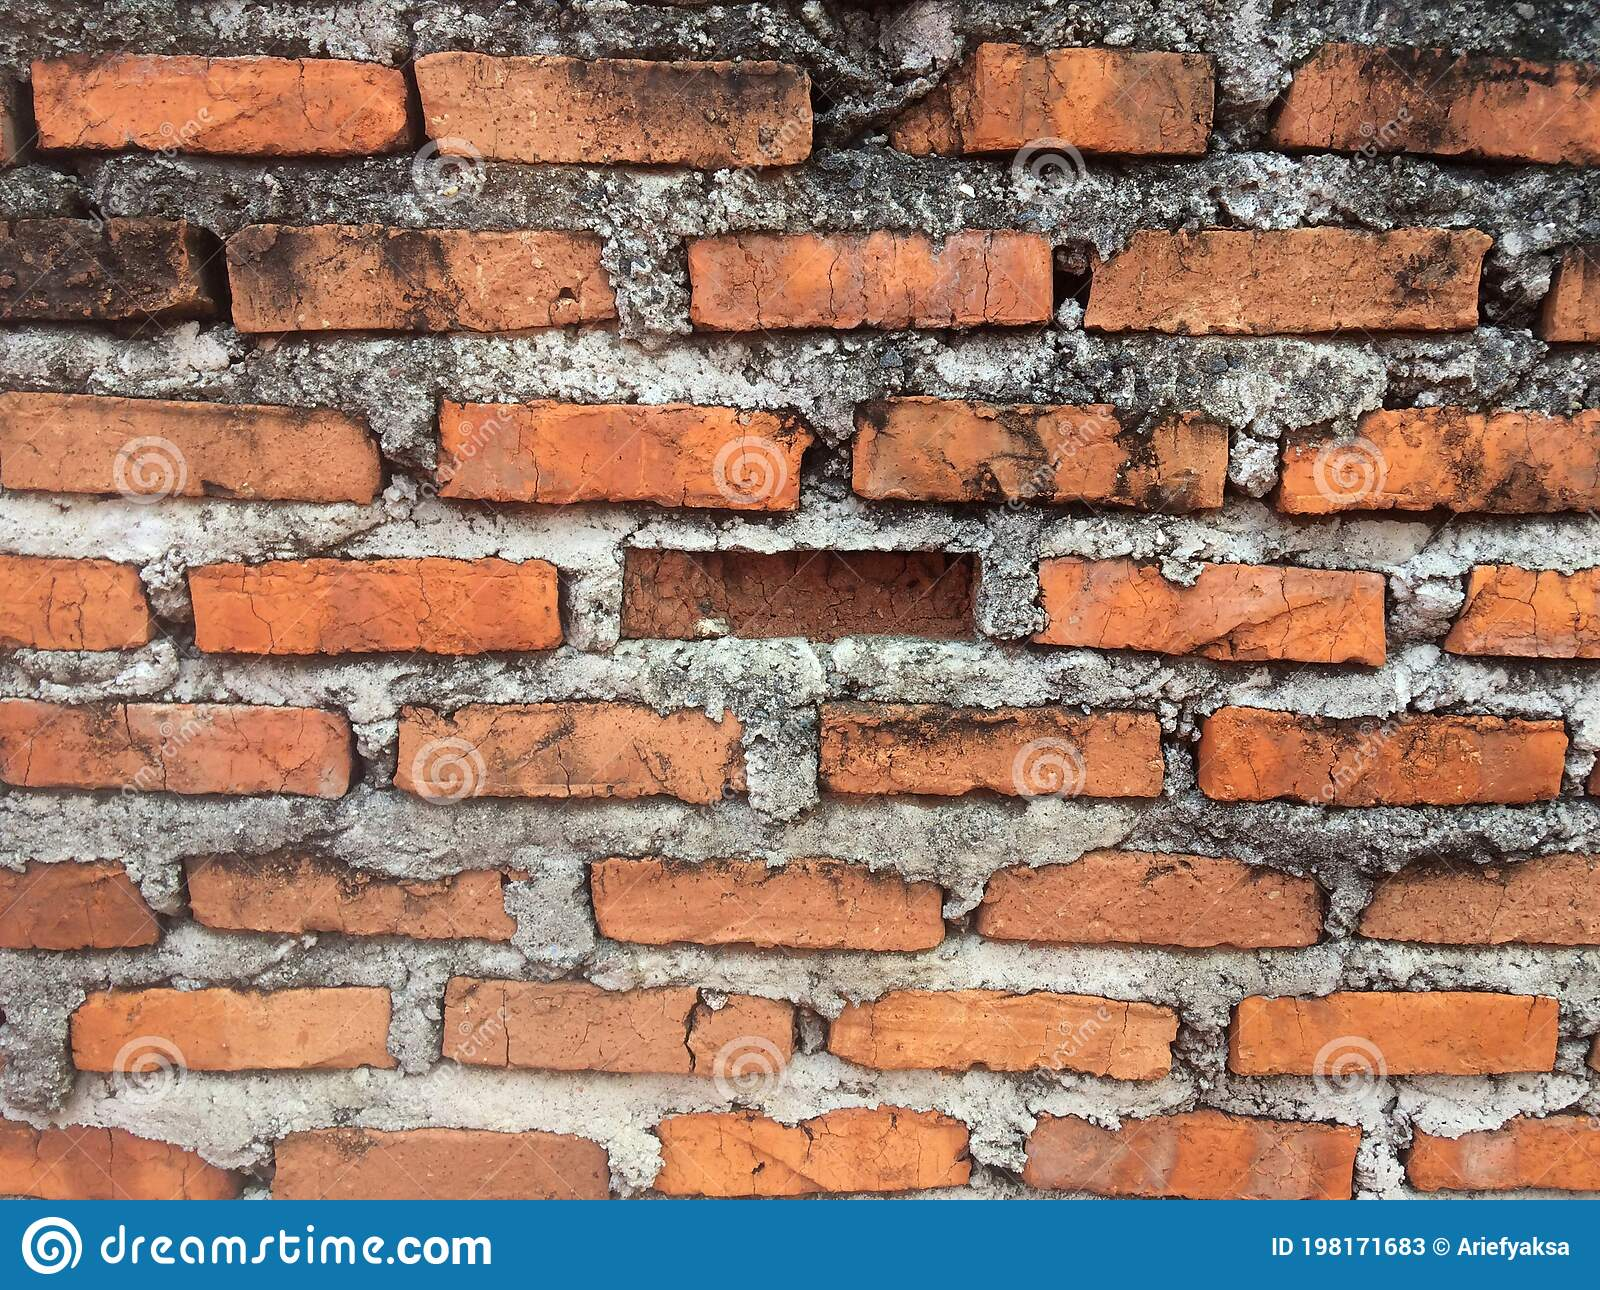 Unfinished Red Brick Wall Or Tembok Bata Merah Batu Bata Wall Stock Image Image Of Brown Material 198171707